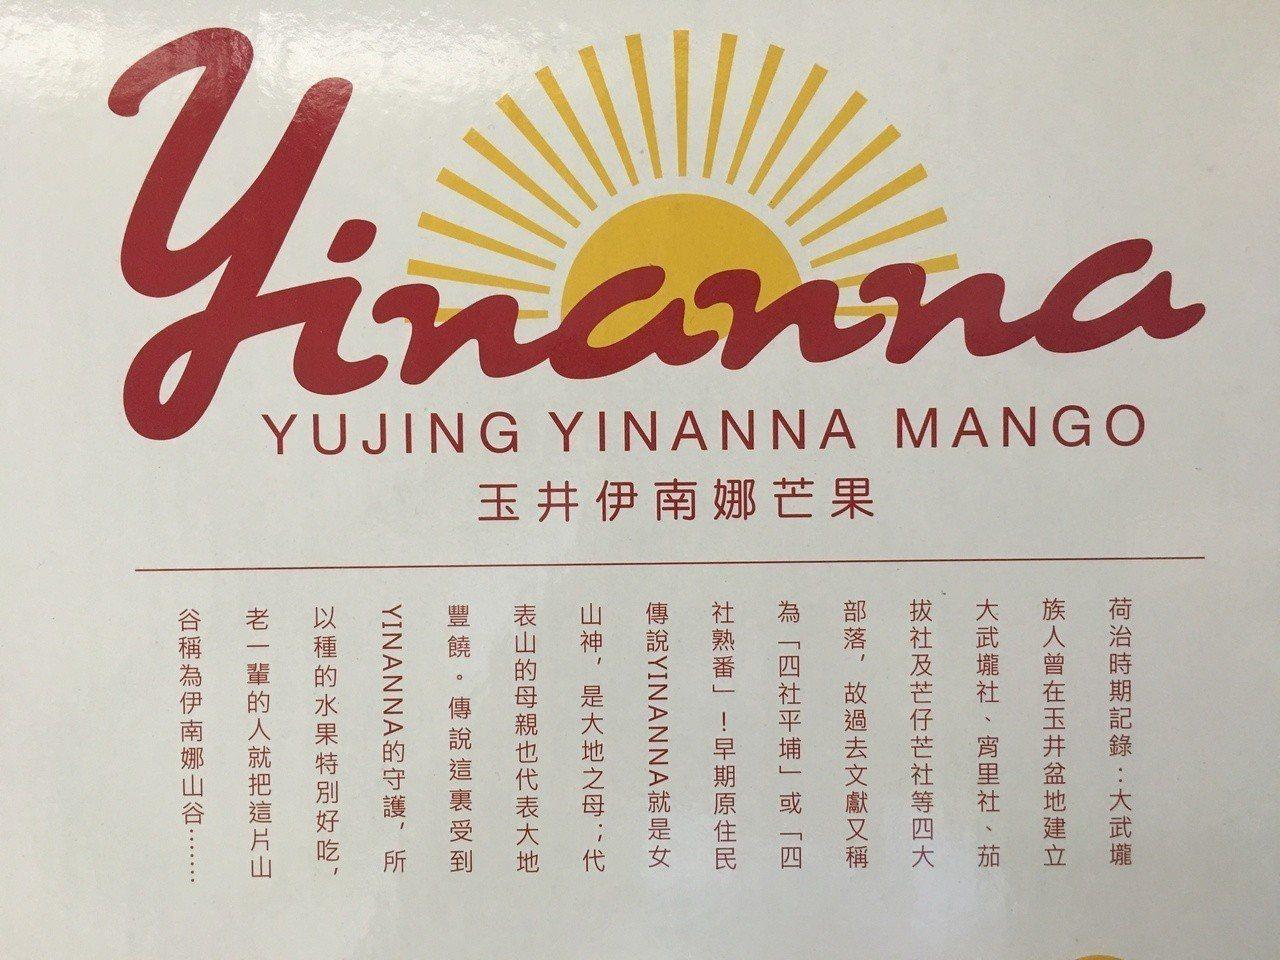 台南玉井小農自創的「伊南娜」品牌,也是當地舊地名。記者吳淑玲/攝影